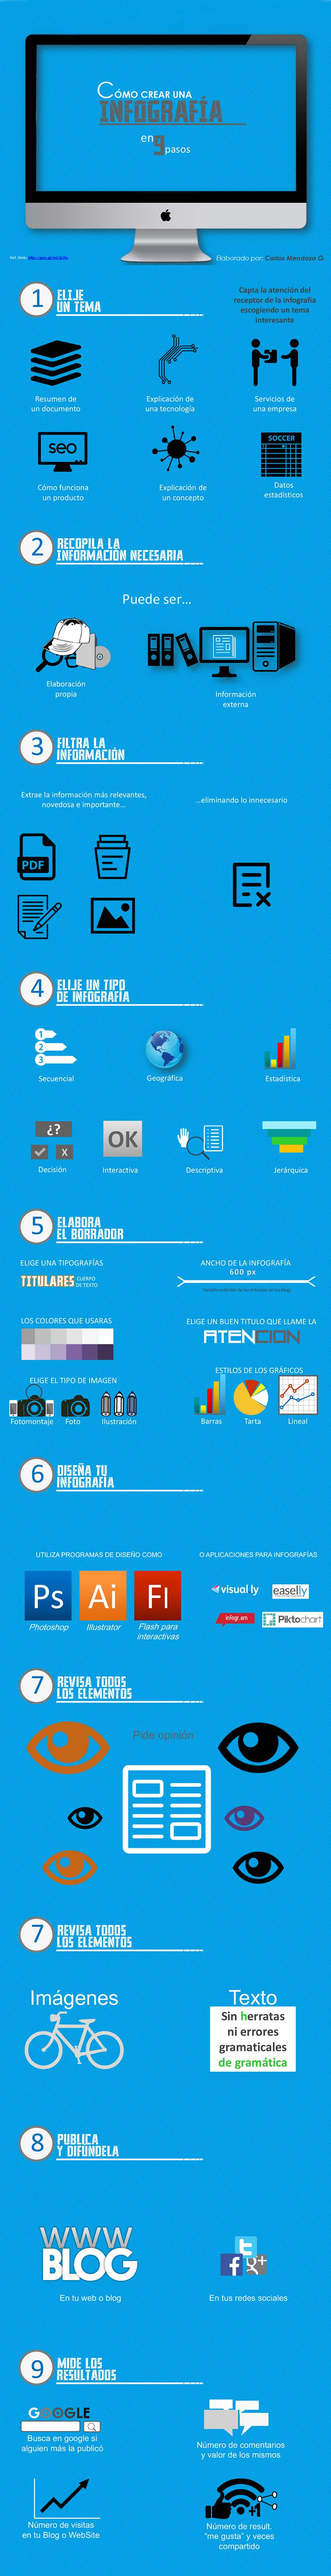 9 pasos para crear una Infografía